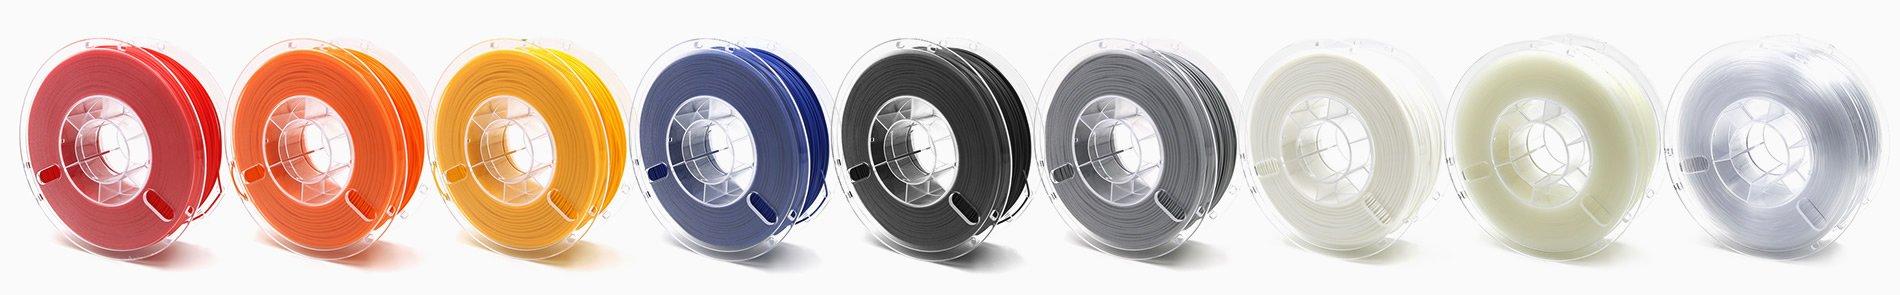 type-de-filament-compatible-imprimante-3